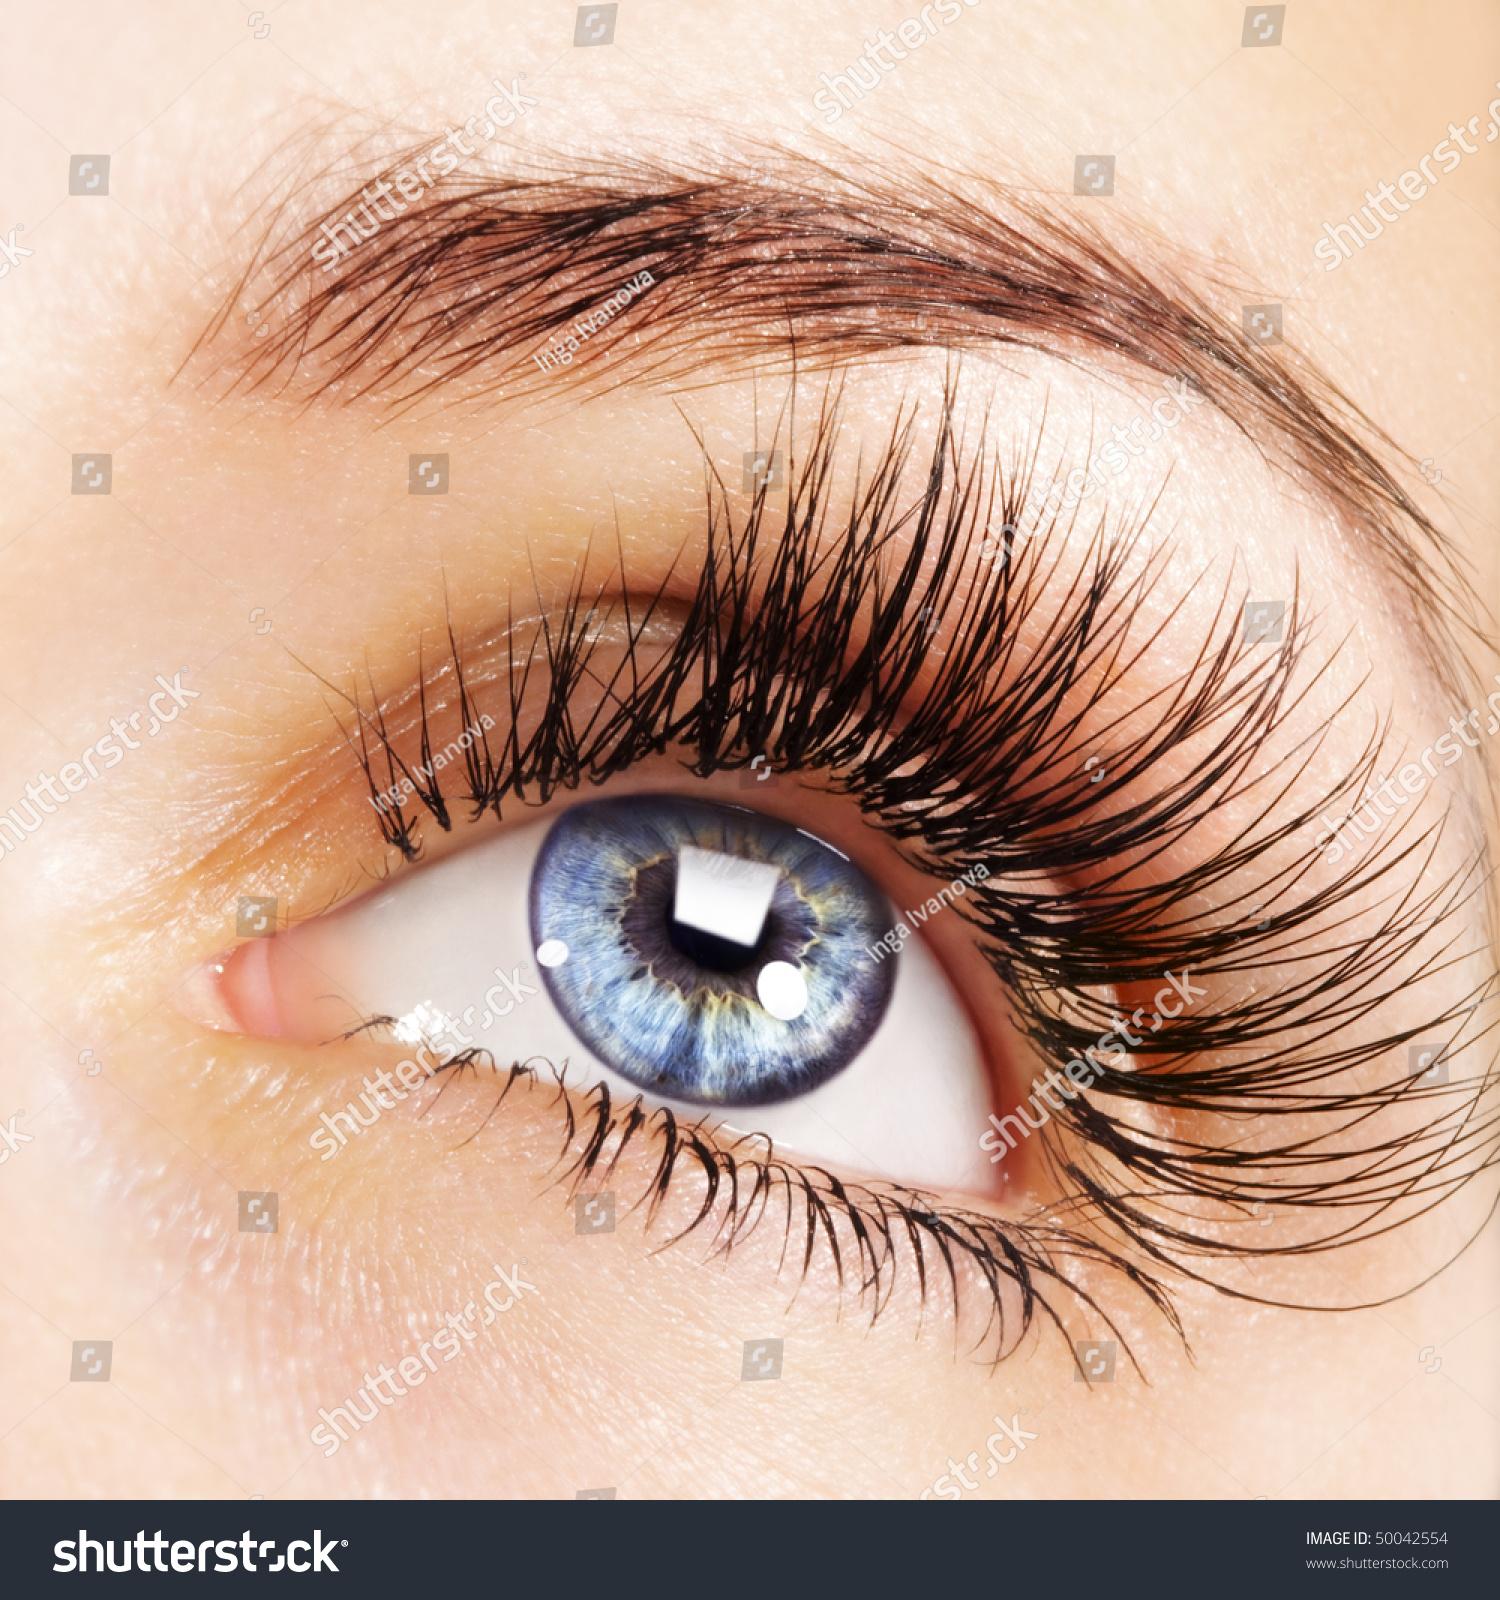 Woman Blue Eye Extremely Long Eyelashes Stock Photo 50042554 ...